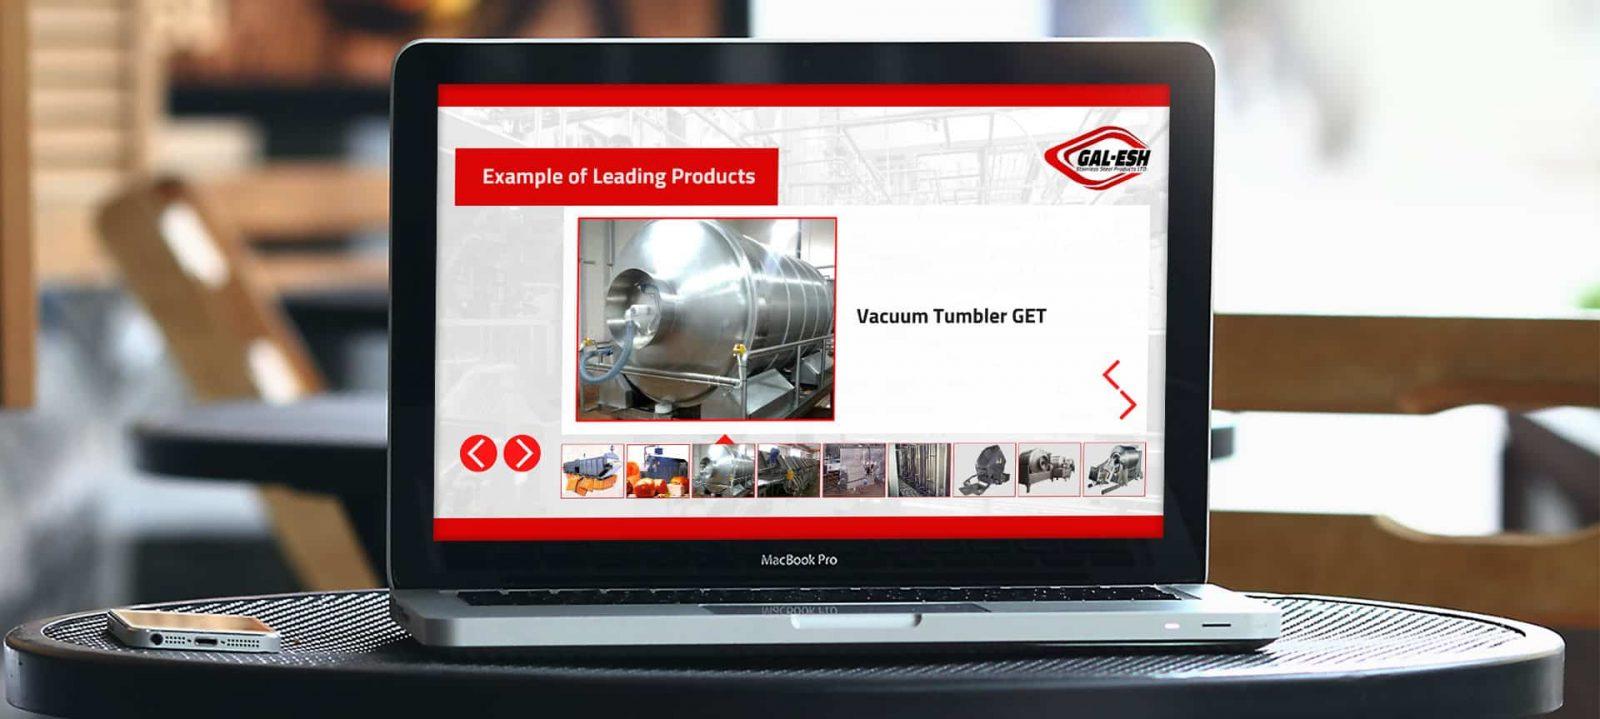 עיצוב מצגת עסקית – Gal Esh | מפעל לייצור נירוסטה